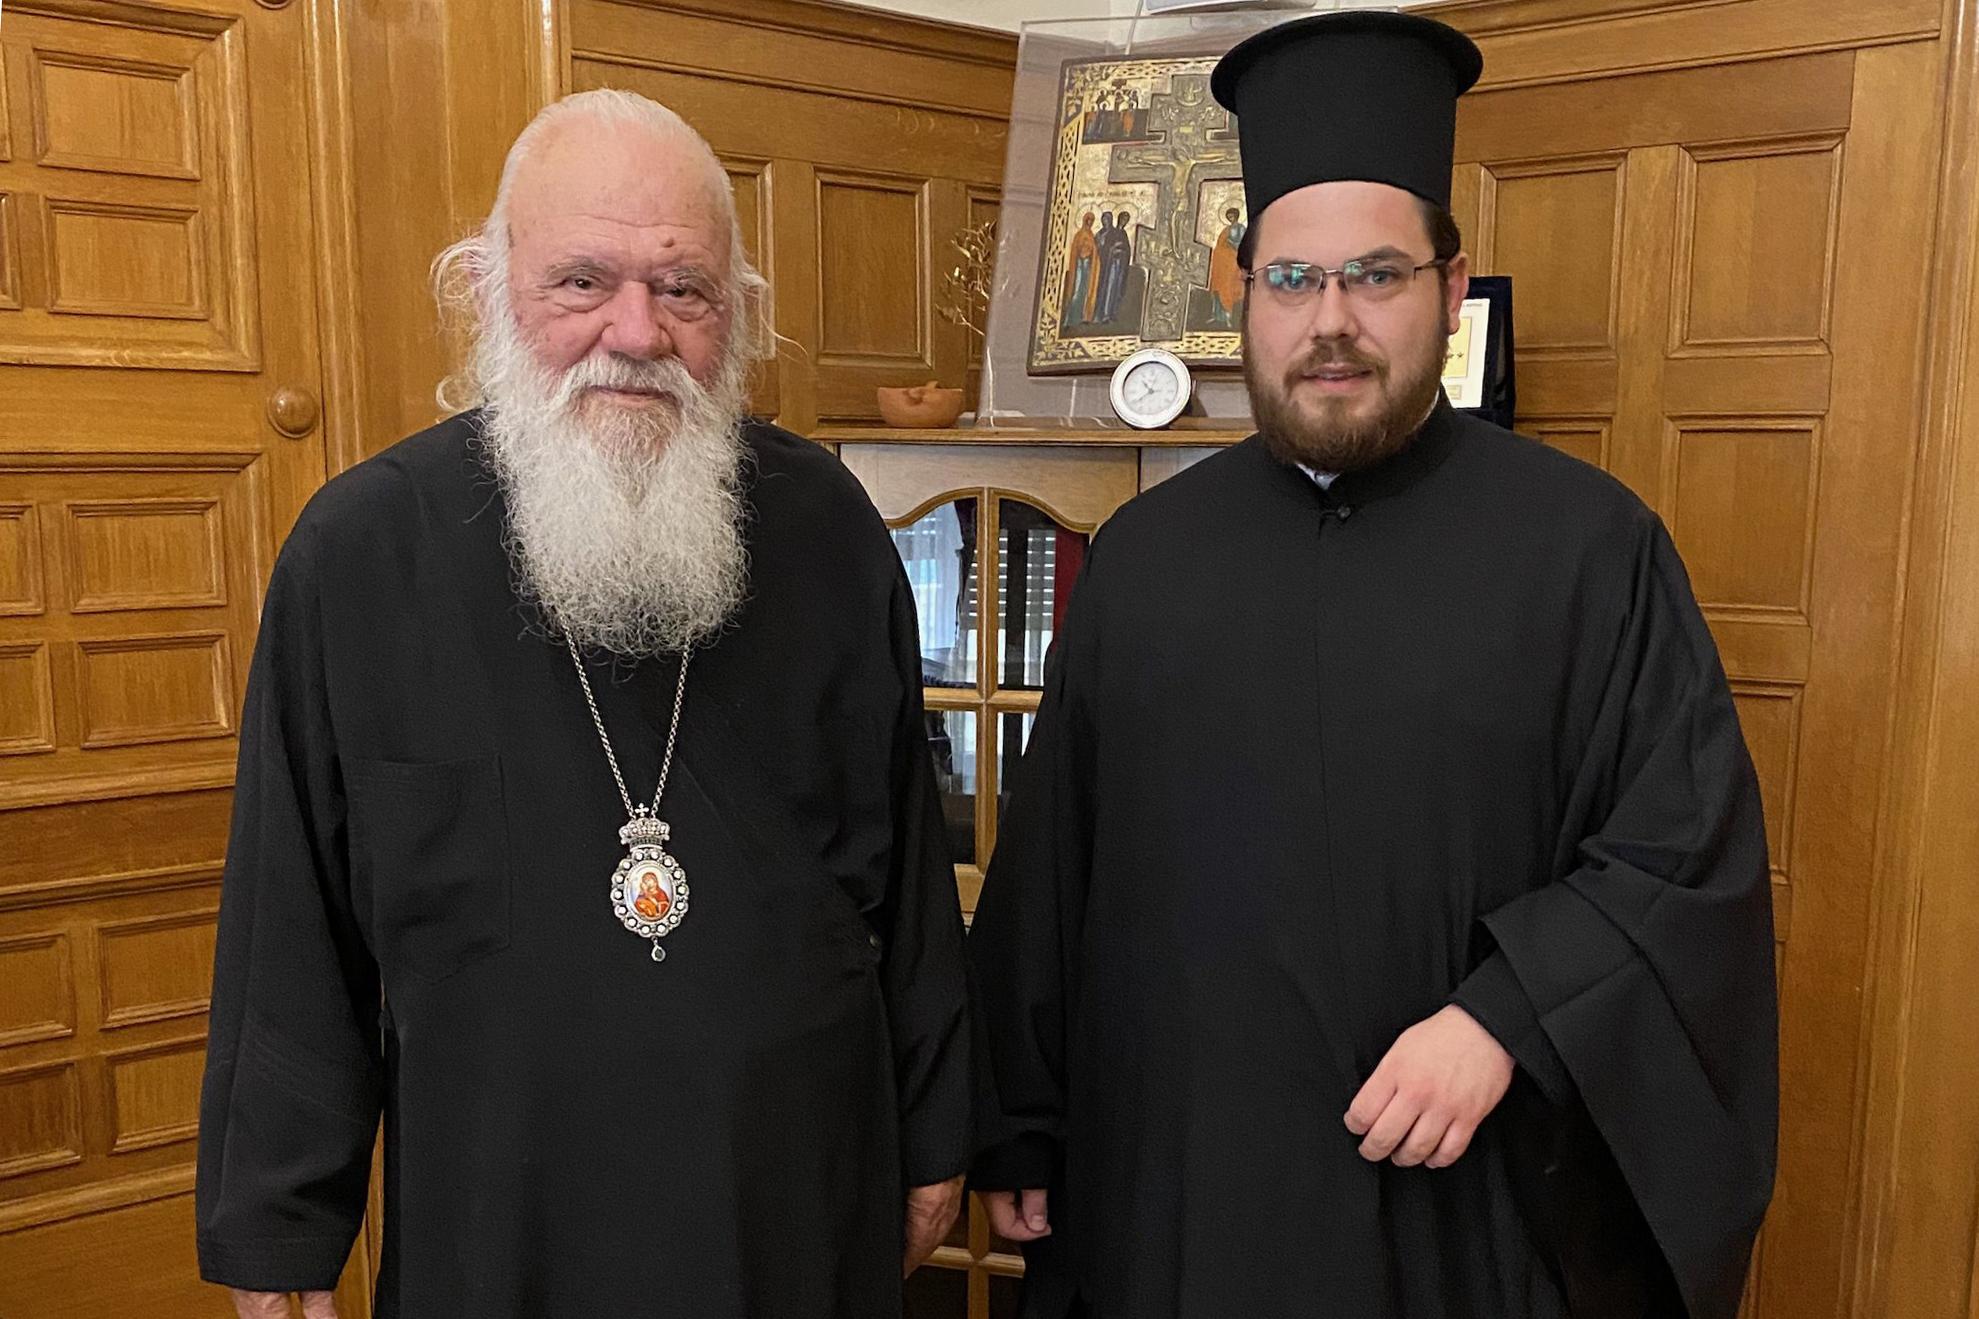 Ο Αρχιμανδρίτης Φιλάδελφος Καφαλής με τον Αρχιεπίσκοπο Αθηνών και πάσης Ελλάδος κ. Ιερώνυμο